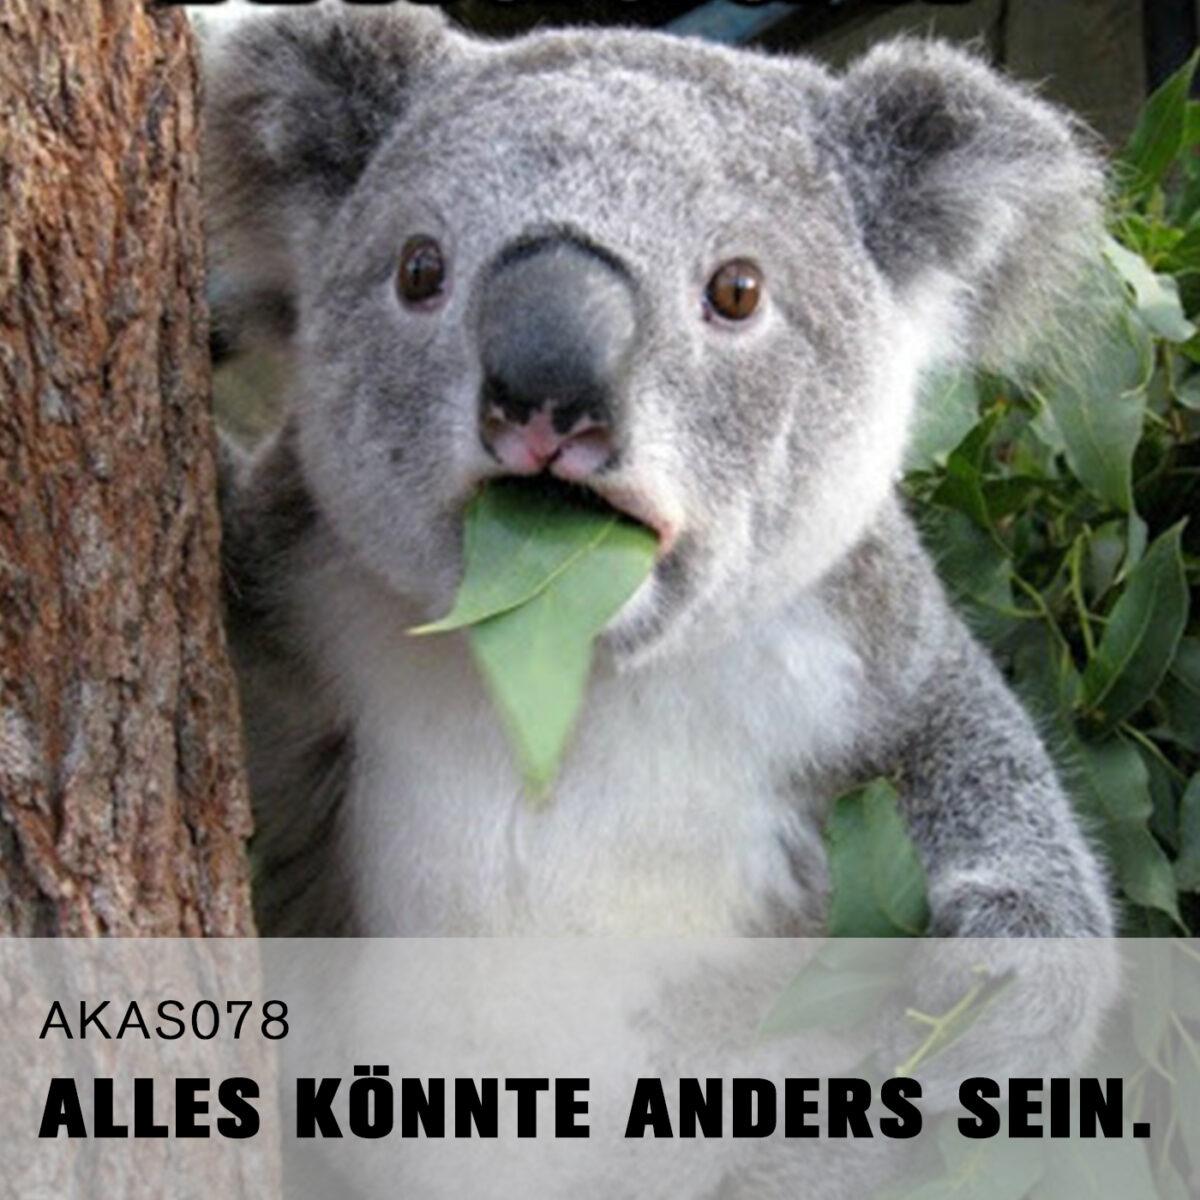 AKAS078 What?!